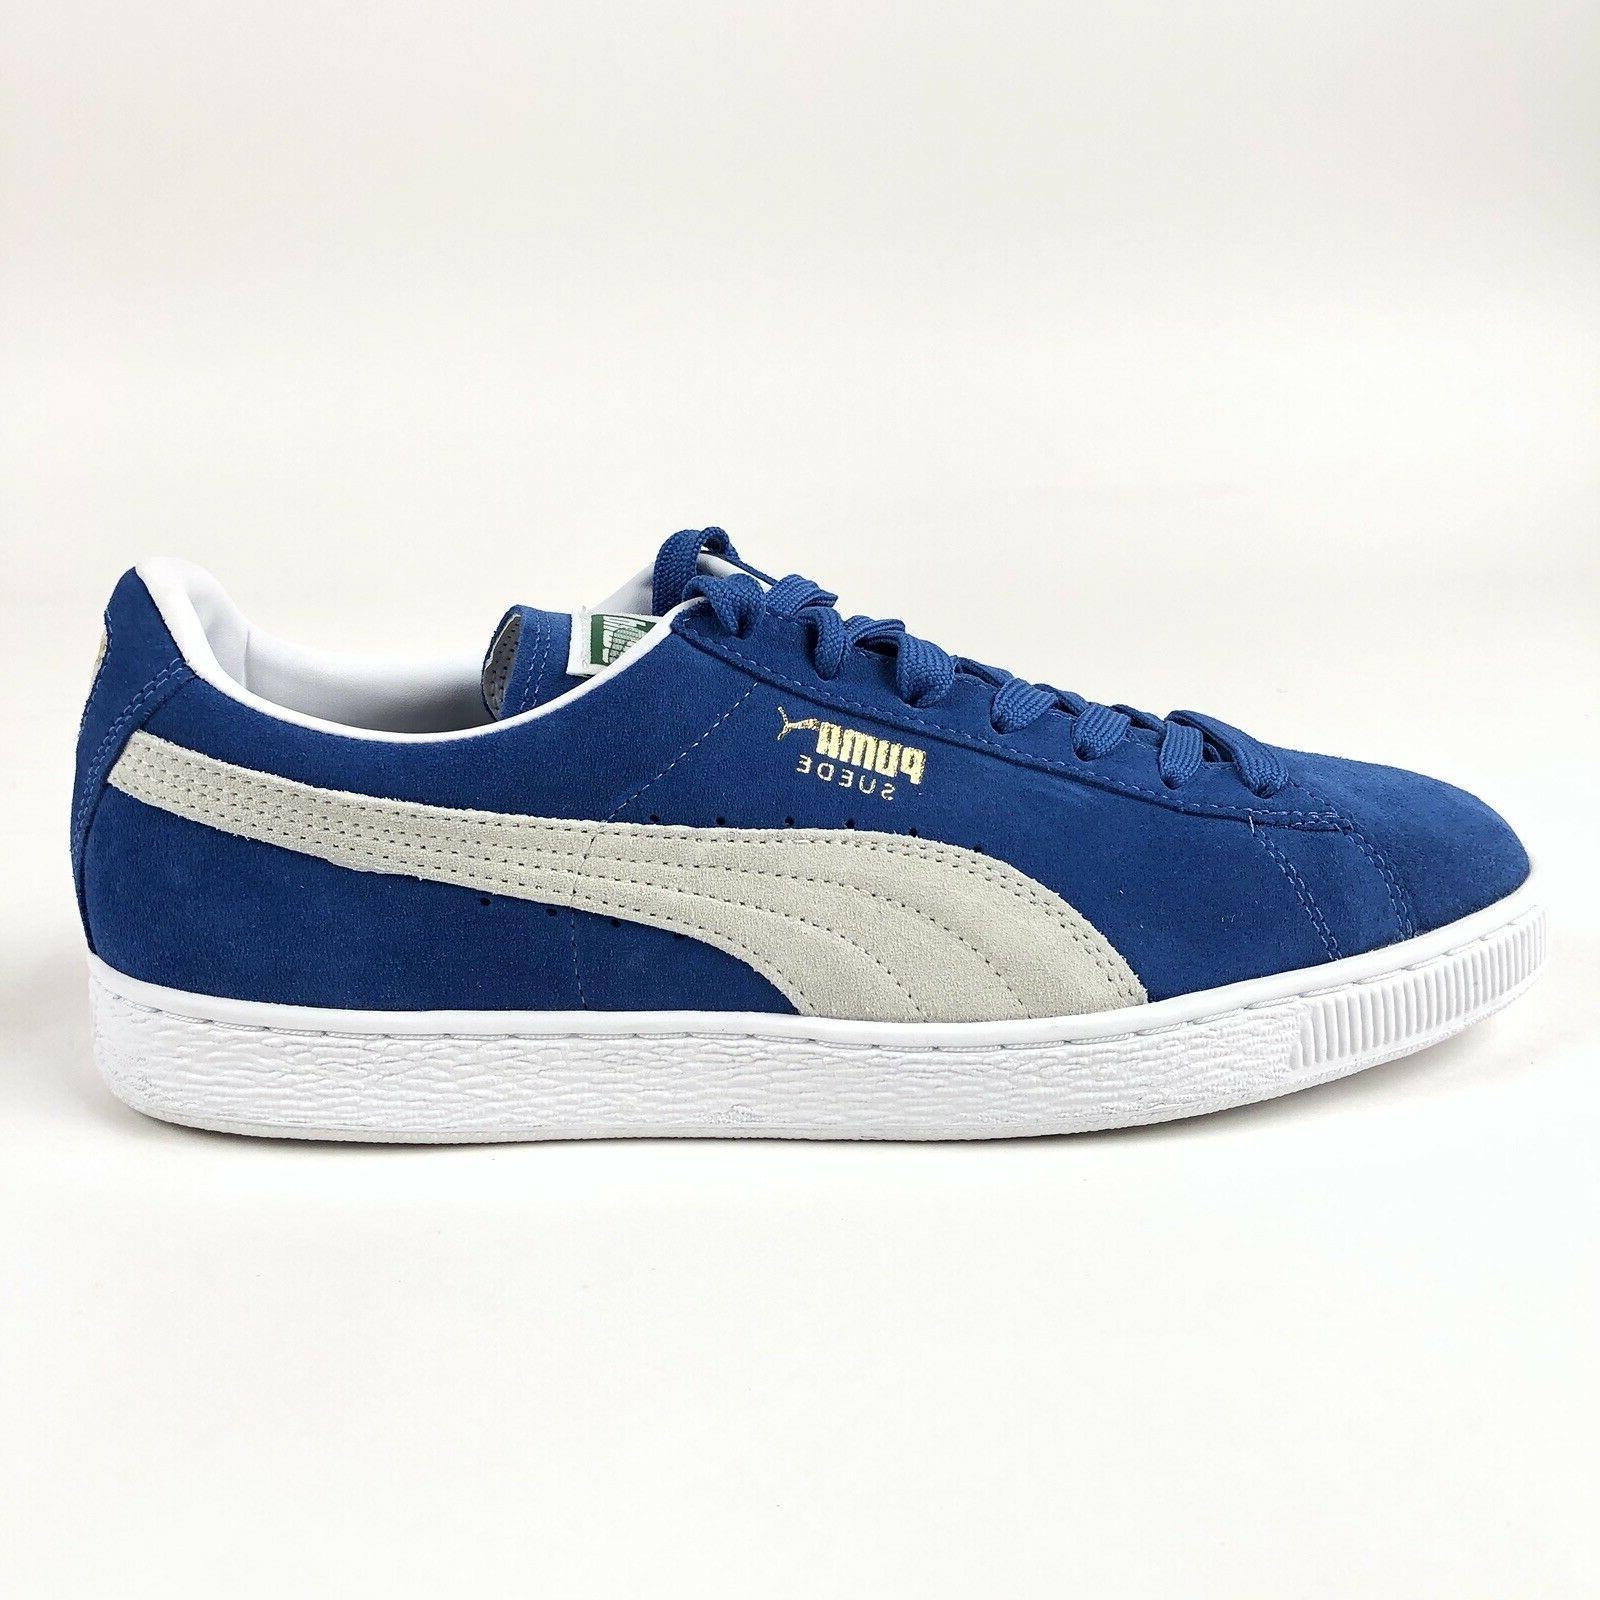 Puma Classic Blue Low Shoes Size Shoes